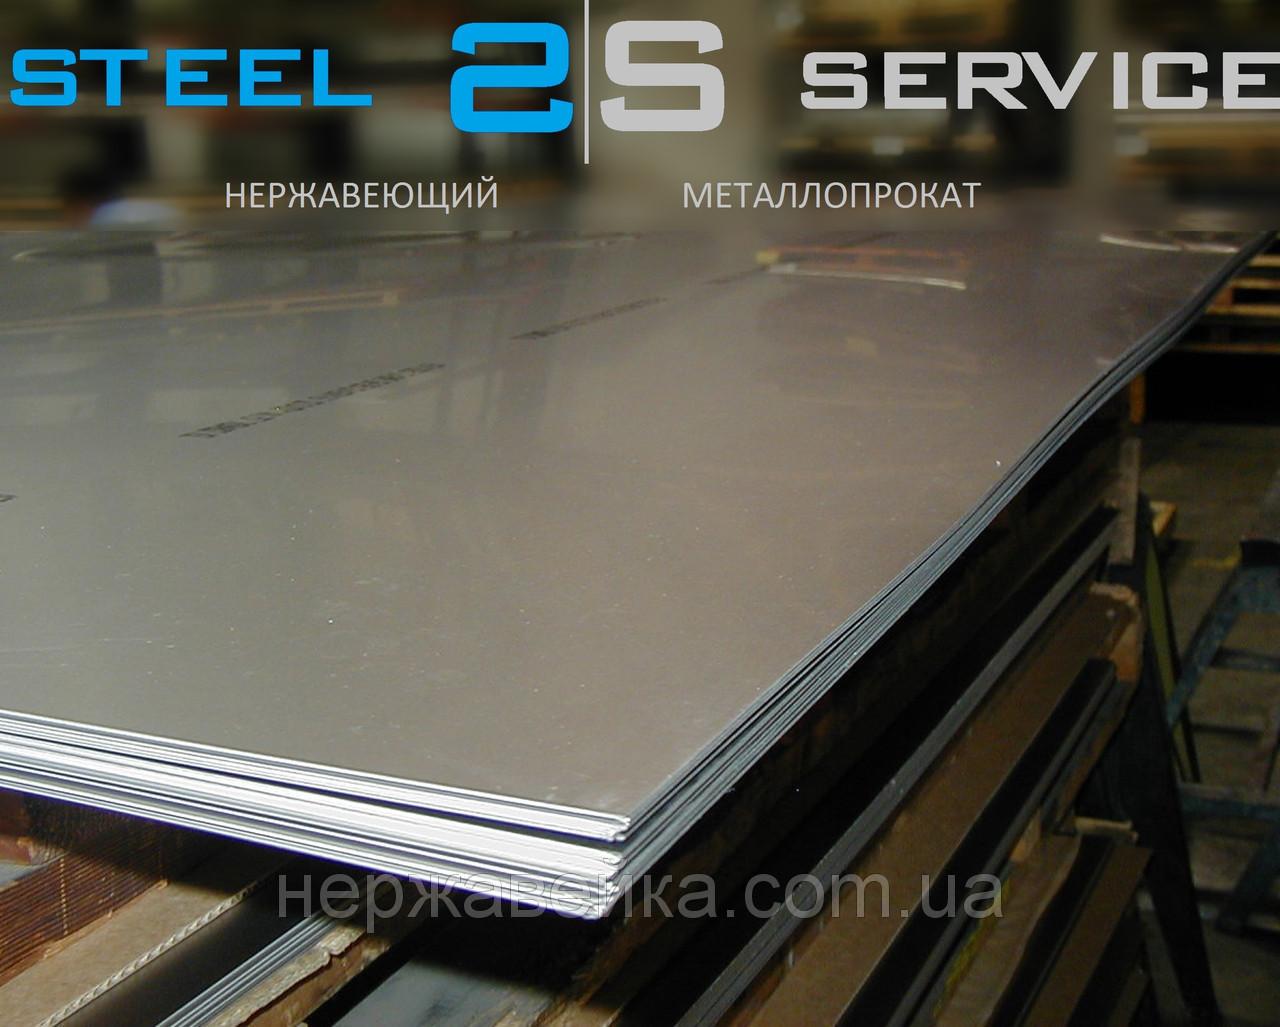 Нержавейка лист 1х1500х3000мм  AISI 321(08Х18Н10Т) 4N - шлифованный,  пищевой